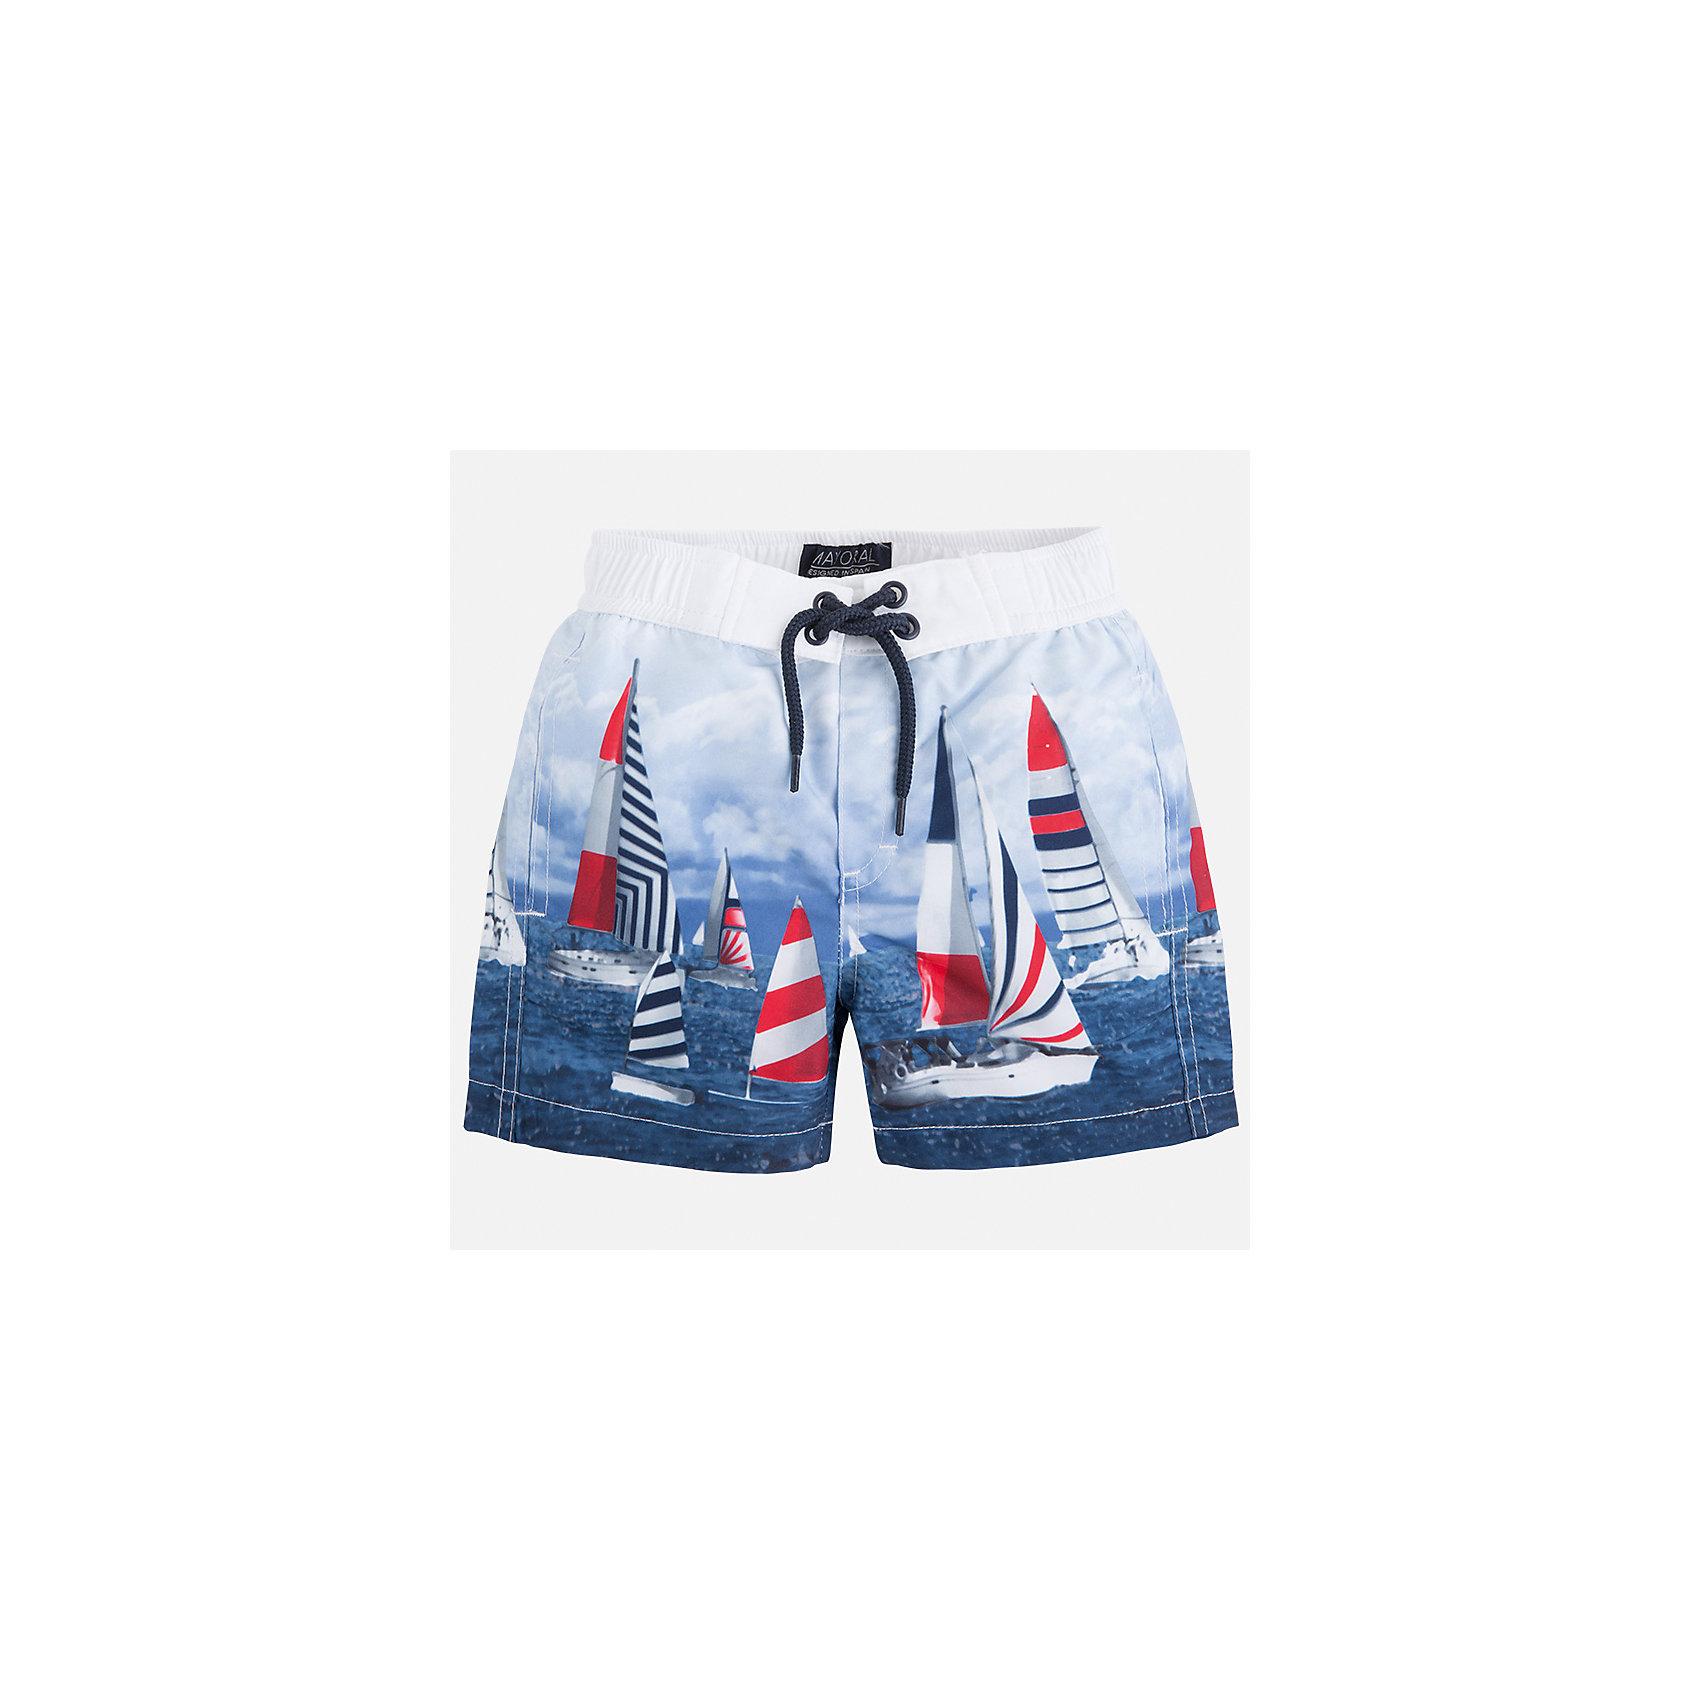 Плавки для мальчика MayoralХарактеристики товара:<br><br>• цвет: голубой принт<br>• состав: 100% полиэстер, подкладка - 100% полиэстер<br>• принт на ткани<br>• пояс со шнурком<br>• с подкладкой<br>• быстросохнущий материал<br>• страна бренда: Испания<br><br>Одежда для купания должна быть удобной! Эти плавательные шорты для мальчика не только хорошо сидят на ребенке, не стесняя движения и не натирая, они отлично смотрятся! Сшиты они из плотной ткани, но она очень быстро высыхает. Интересная расцветка модели делает её нарядной и оригинальной. <br><br>Одежда, обувь и аксессуары от испанского бренда Mayoral полюбились детям и взрослым по всему миру. Модели этой марки - стильные и удобные. Для их производства используются только безопасные, качественные материалы и фурнитура. Порадуйте ребенка модными и красивыми вещами от Mayoral! <br><br>Плавки для мальчика от испанского бренда Mayoral (Майорал) можно купить в нашем интернет-магазине.<br><br>Ширина мм: 183<br>Глубина мм: 60<br>Высота мм: 135<br>Вес г: 119<br>Цвет: розовый<br>Возраст от месяцев: 84<br>Возраст до месяцев: 96<br>Пол: Мужской<br>Возраст: Детский<br>Размер: 128,92,116,110,98,134,104,122<br>SKU: 5281153